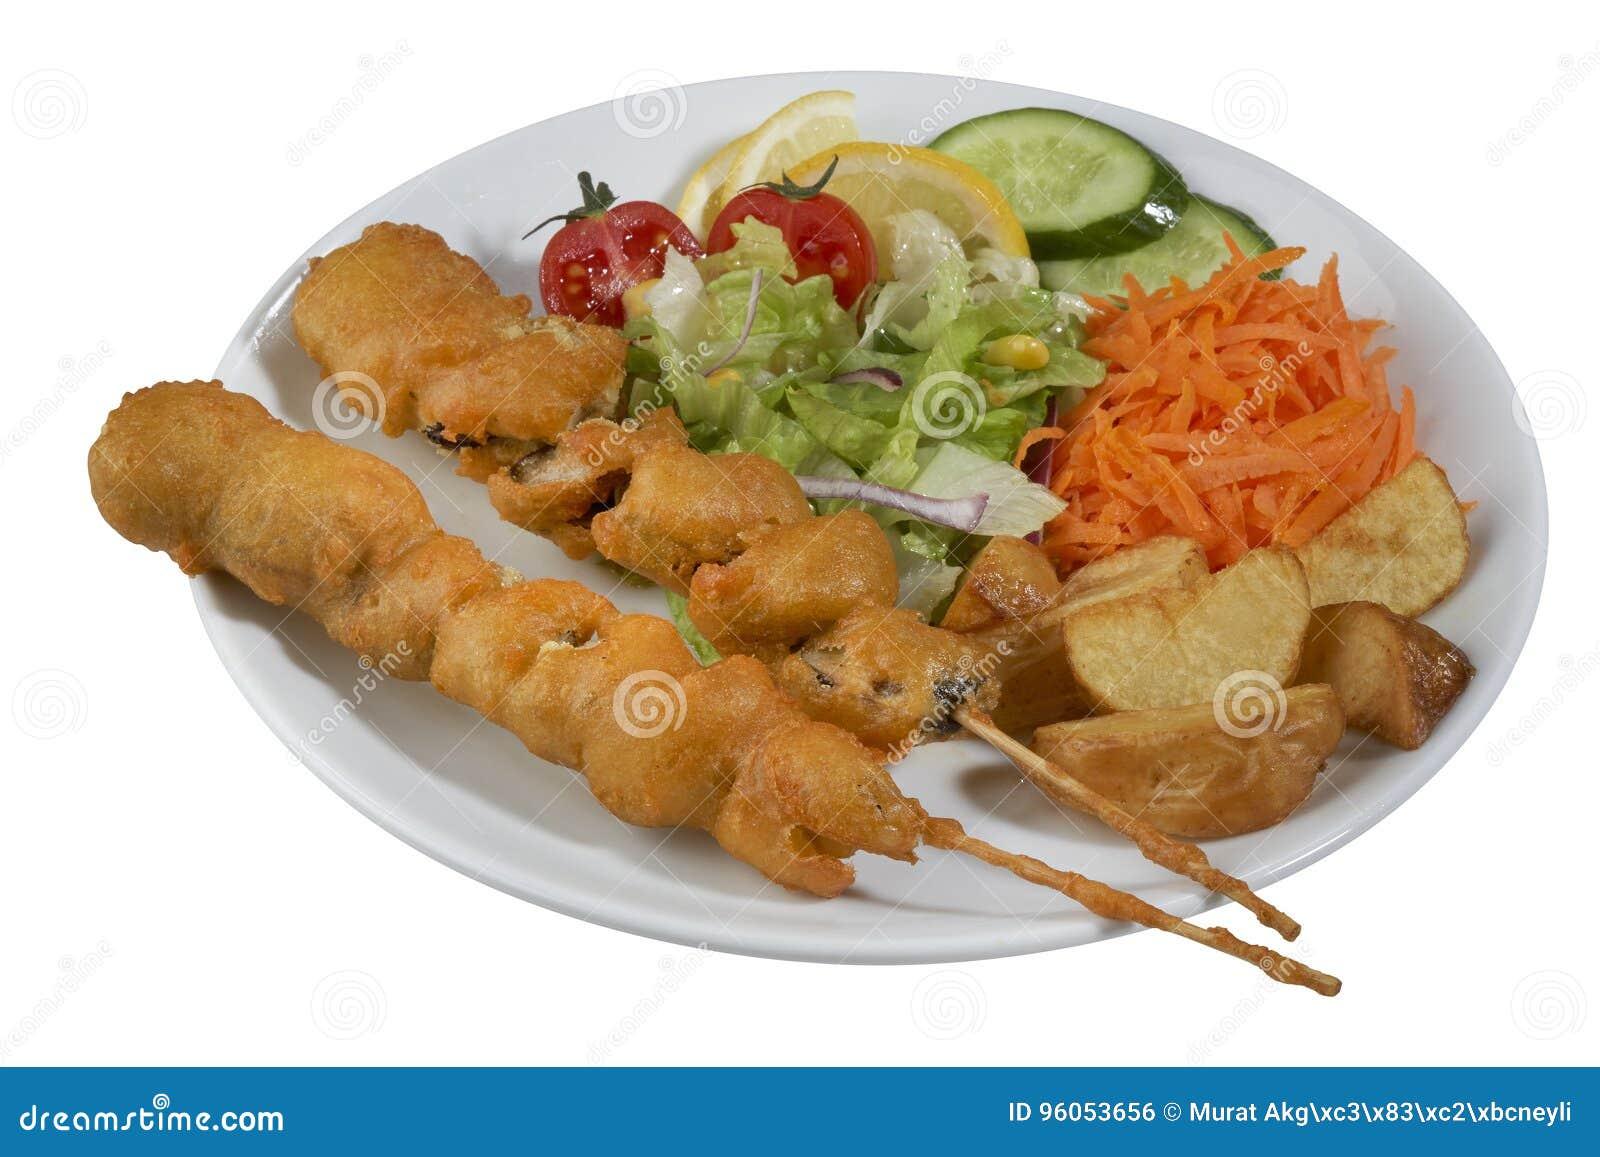 Chiche-kebab de poissons, poisson embroché avec des légumes